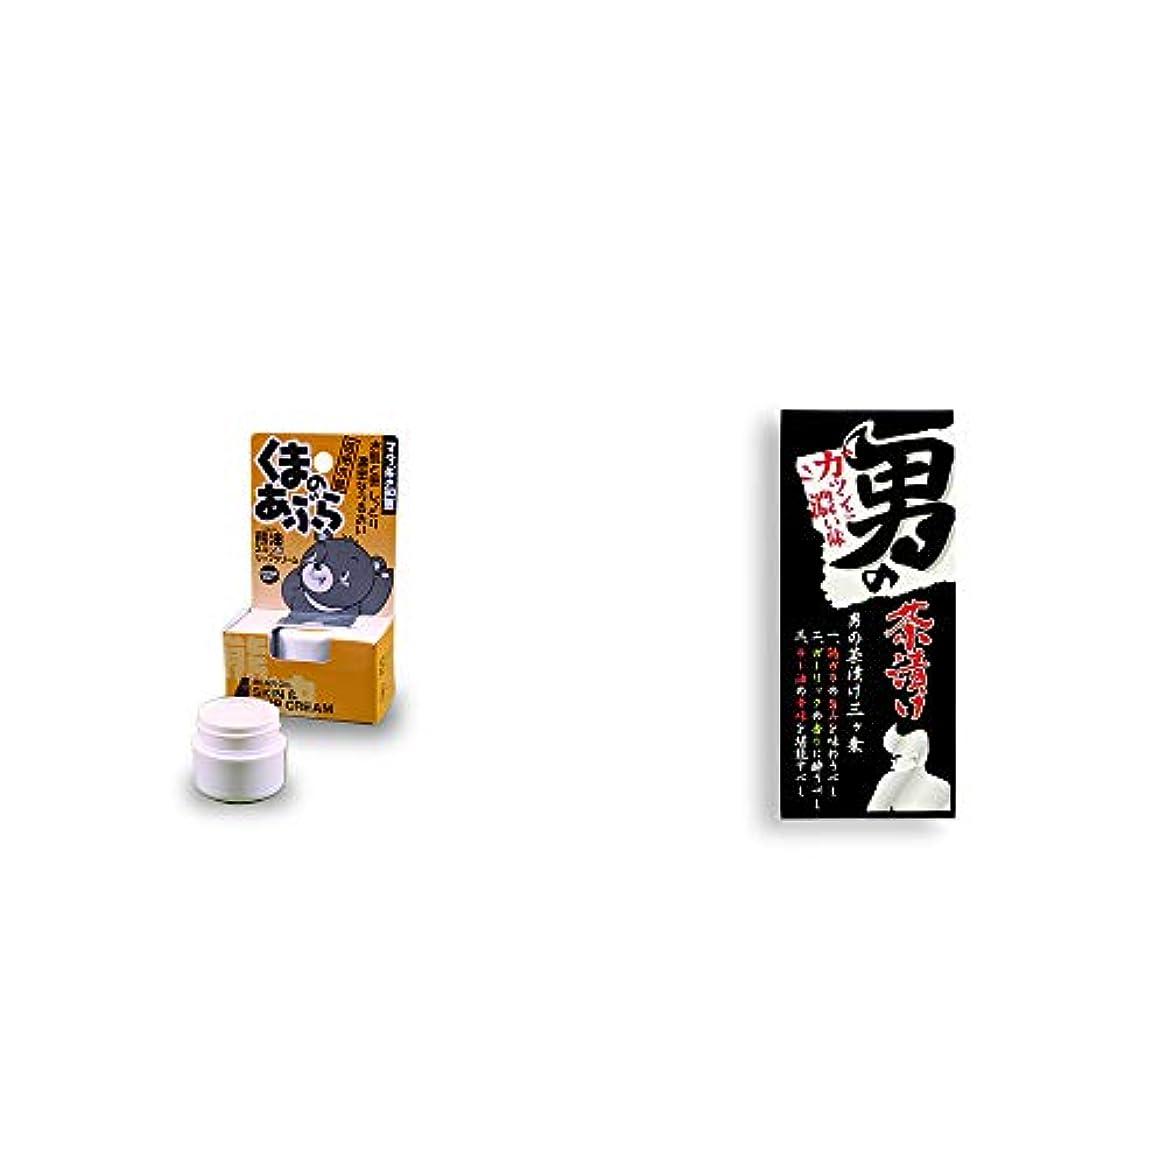 メーカー忙しいハンサム[2点セット] 信州木曽 くまのあぶら 熊油スキン&リップクリーム(9g)?男の茶漬け(4.8g×8袋)